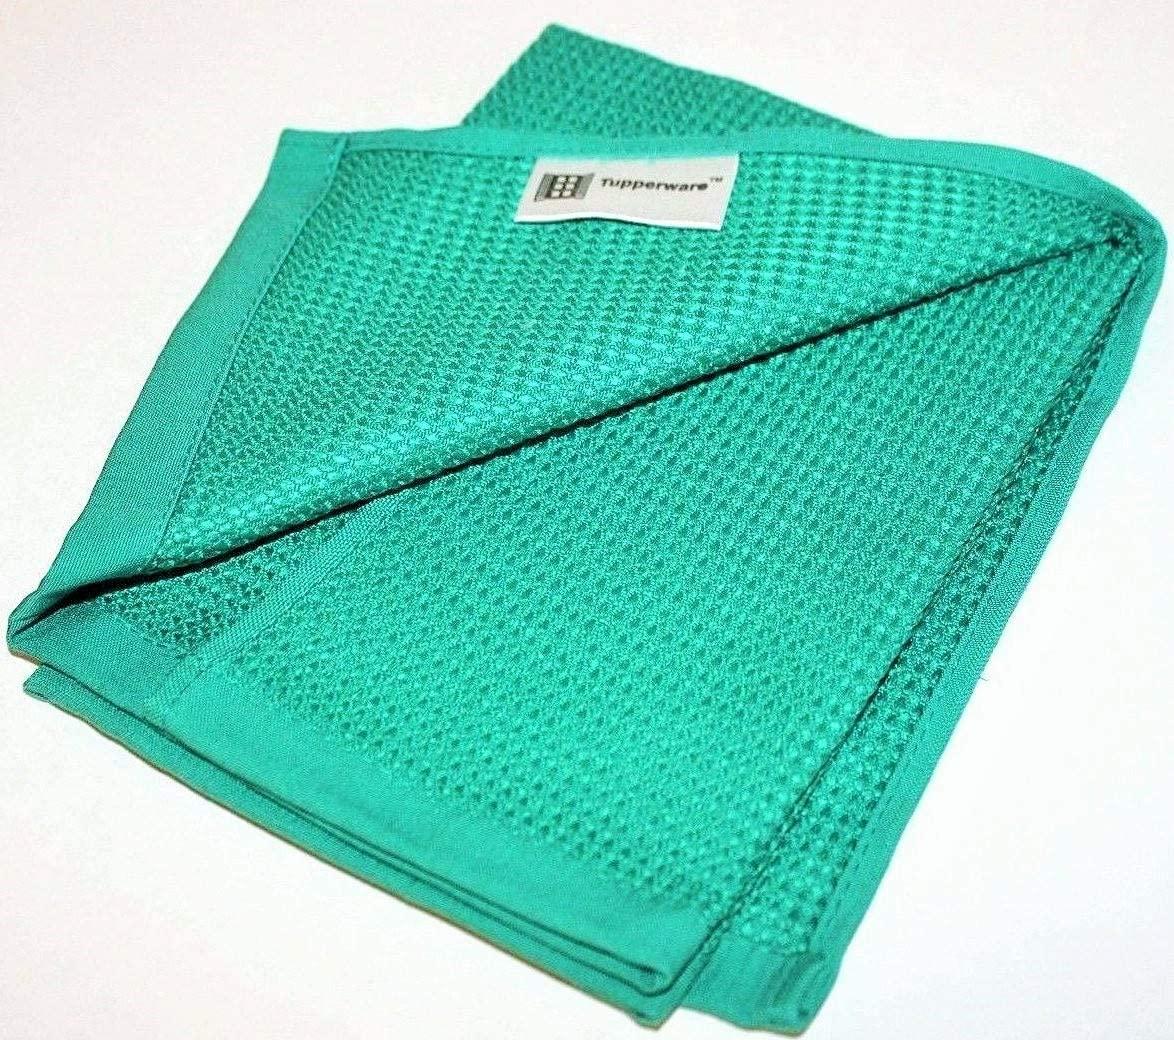 Full Size of Fensterputztuch Test Tupperware Faserpro Glas Blau Fenster Mikrofasertuch T22 Putztuch Dusch Wc Bewässerungssysteme Garten Drutex Betten Sicherheitsfolie Wohnzimmer Fensterputztuch Test